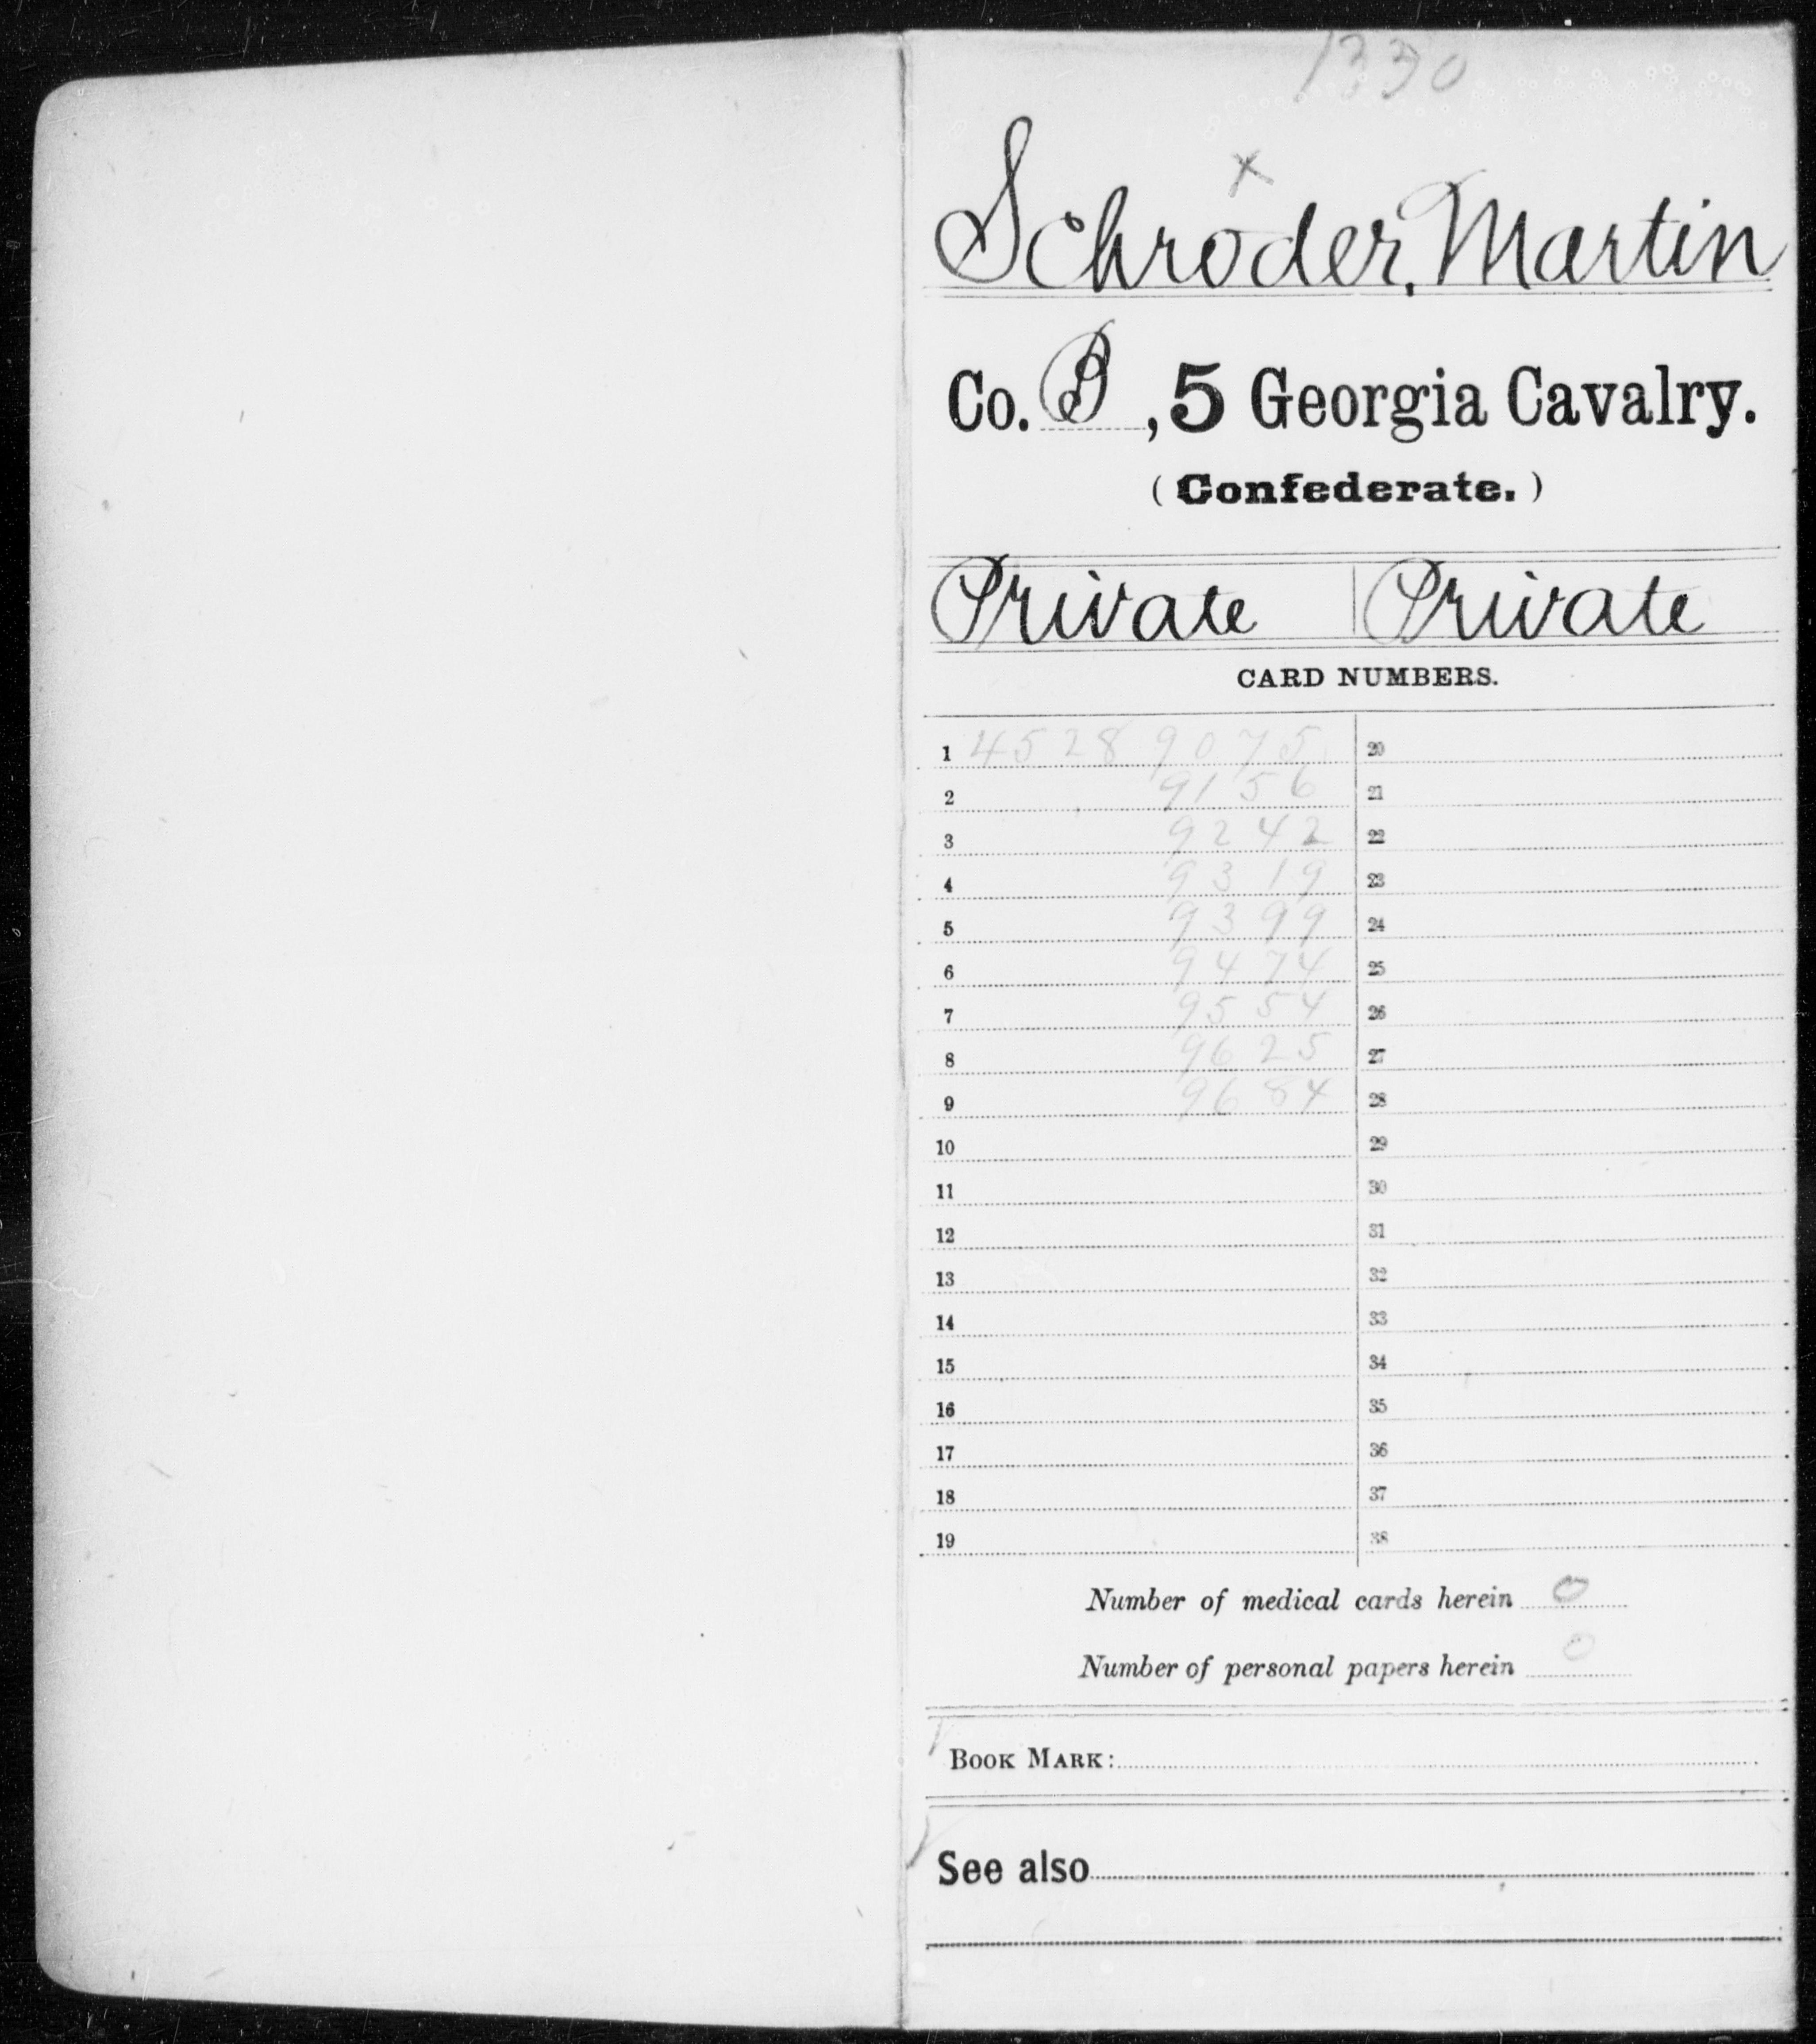 Schroder, Martin - 5th Cavalry